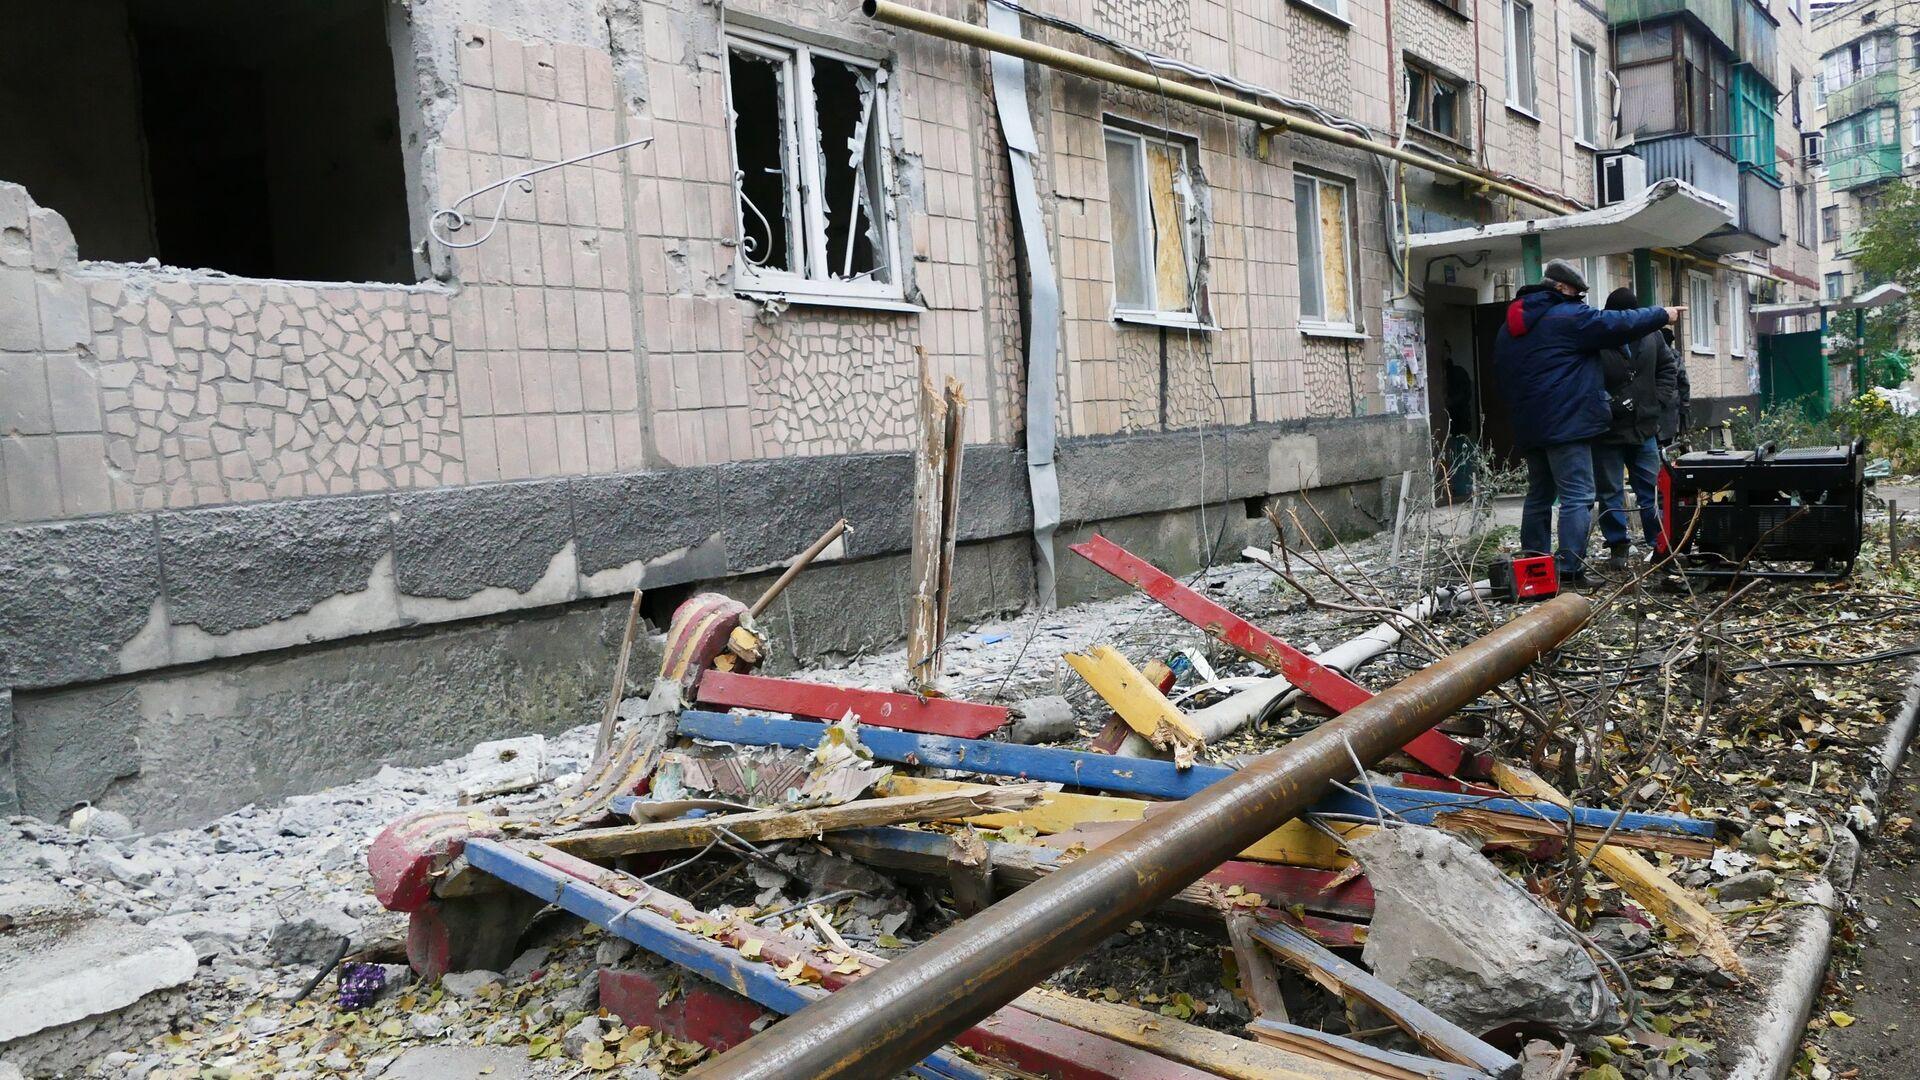 Consecuencias de un bombardeo en Donbás (archivo) - Sputnik Mundo, 1920, 15.04.2021